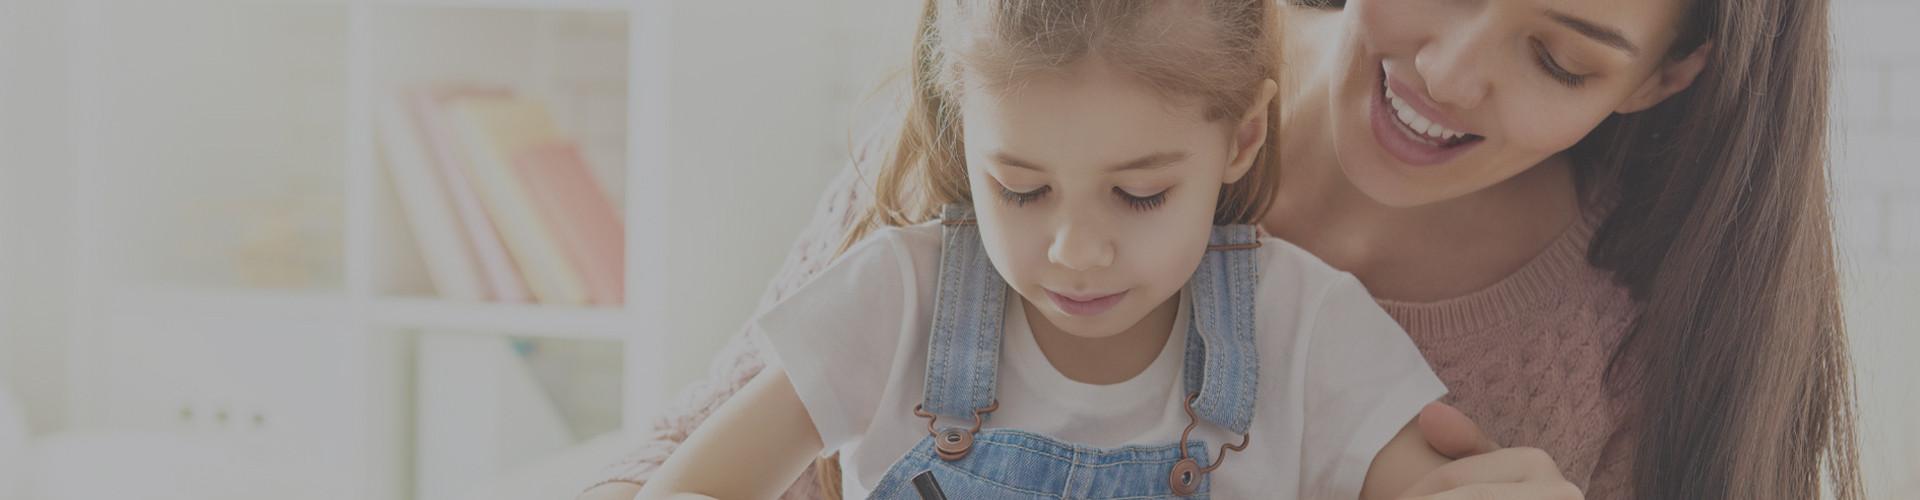 psicologa-psicologos-especialistas-prevencion-recursos-herramientas-ayuda-abusos-sexuales-infantiles-pedofilia-pedofilos-pederastia-valencia